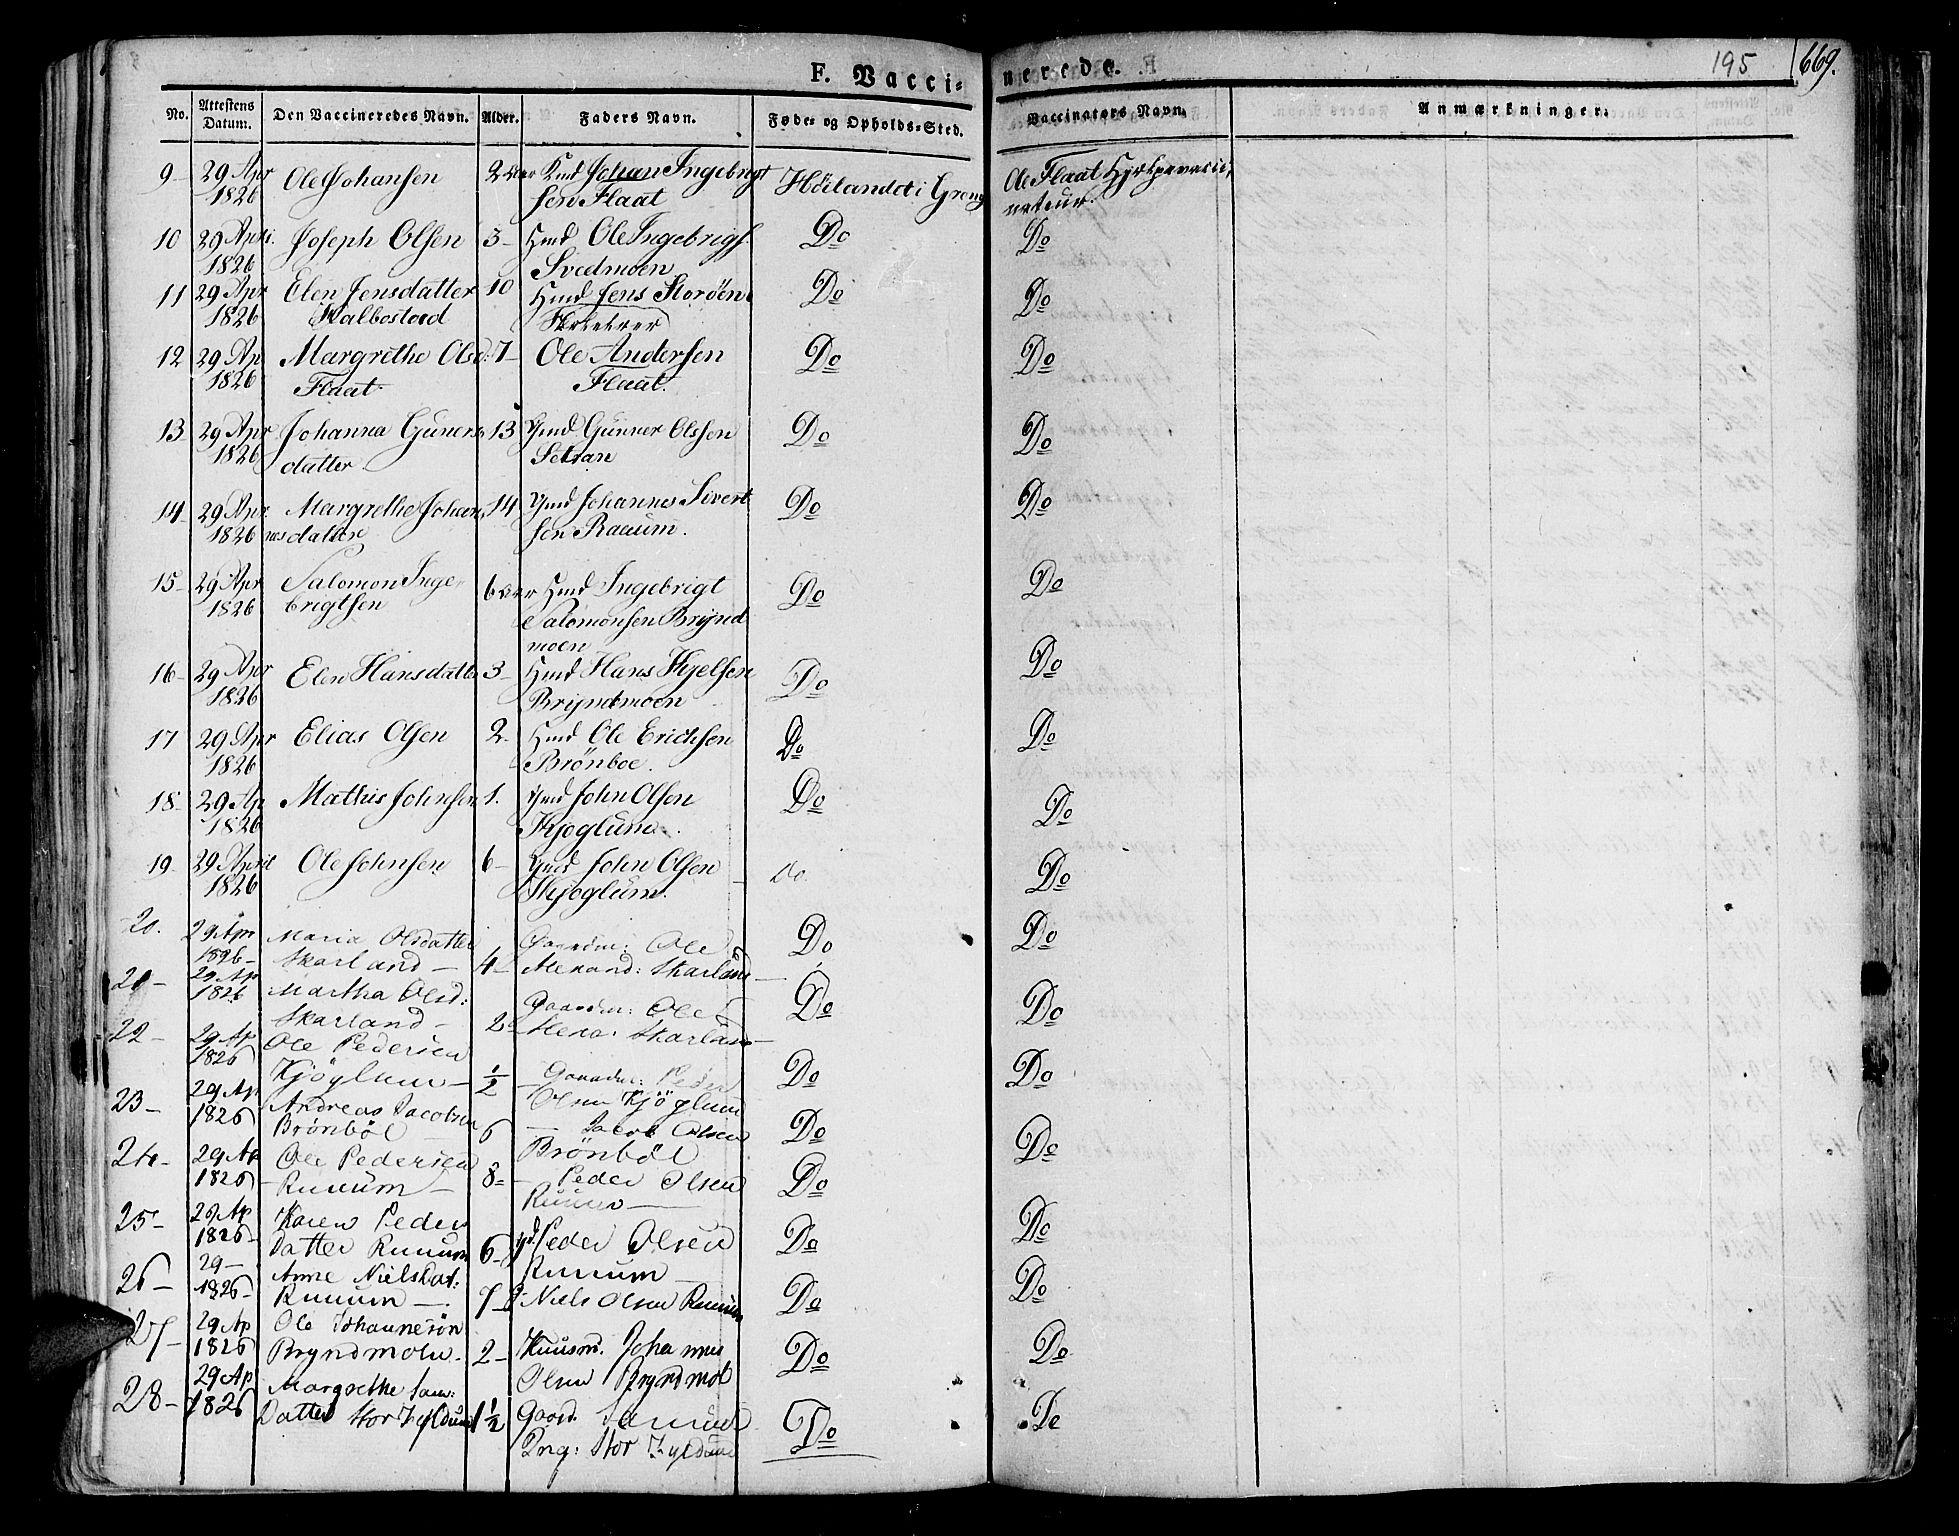 SAT, Ministerialprotokoller, klokkerbøker og fødselsregistre - Nord-Trøndelag, 758/L0510: Ministerialbok nr. 758A01 /1, 1821-1841, s. 195